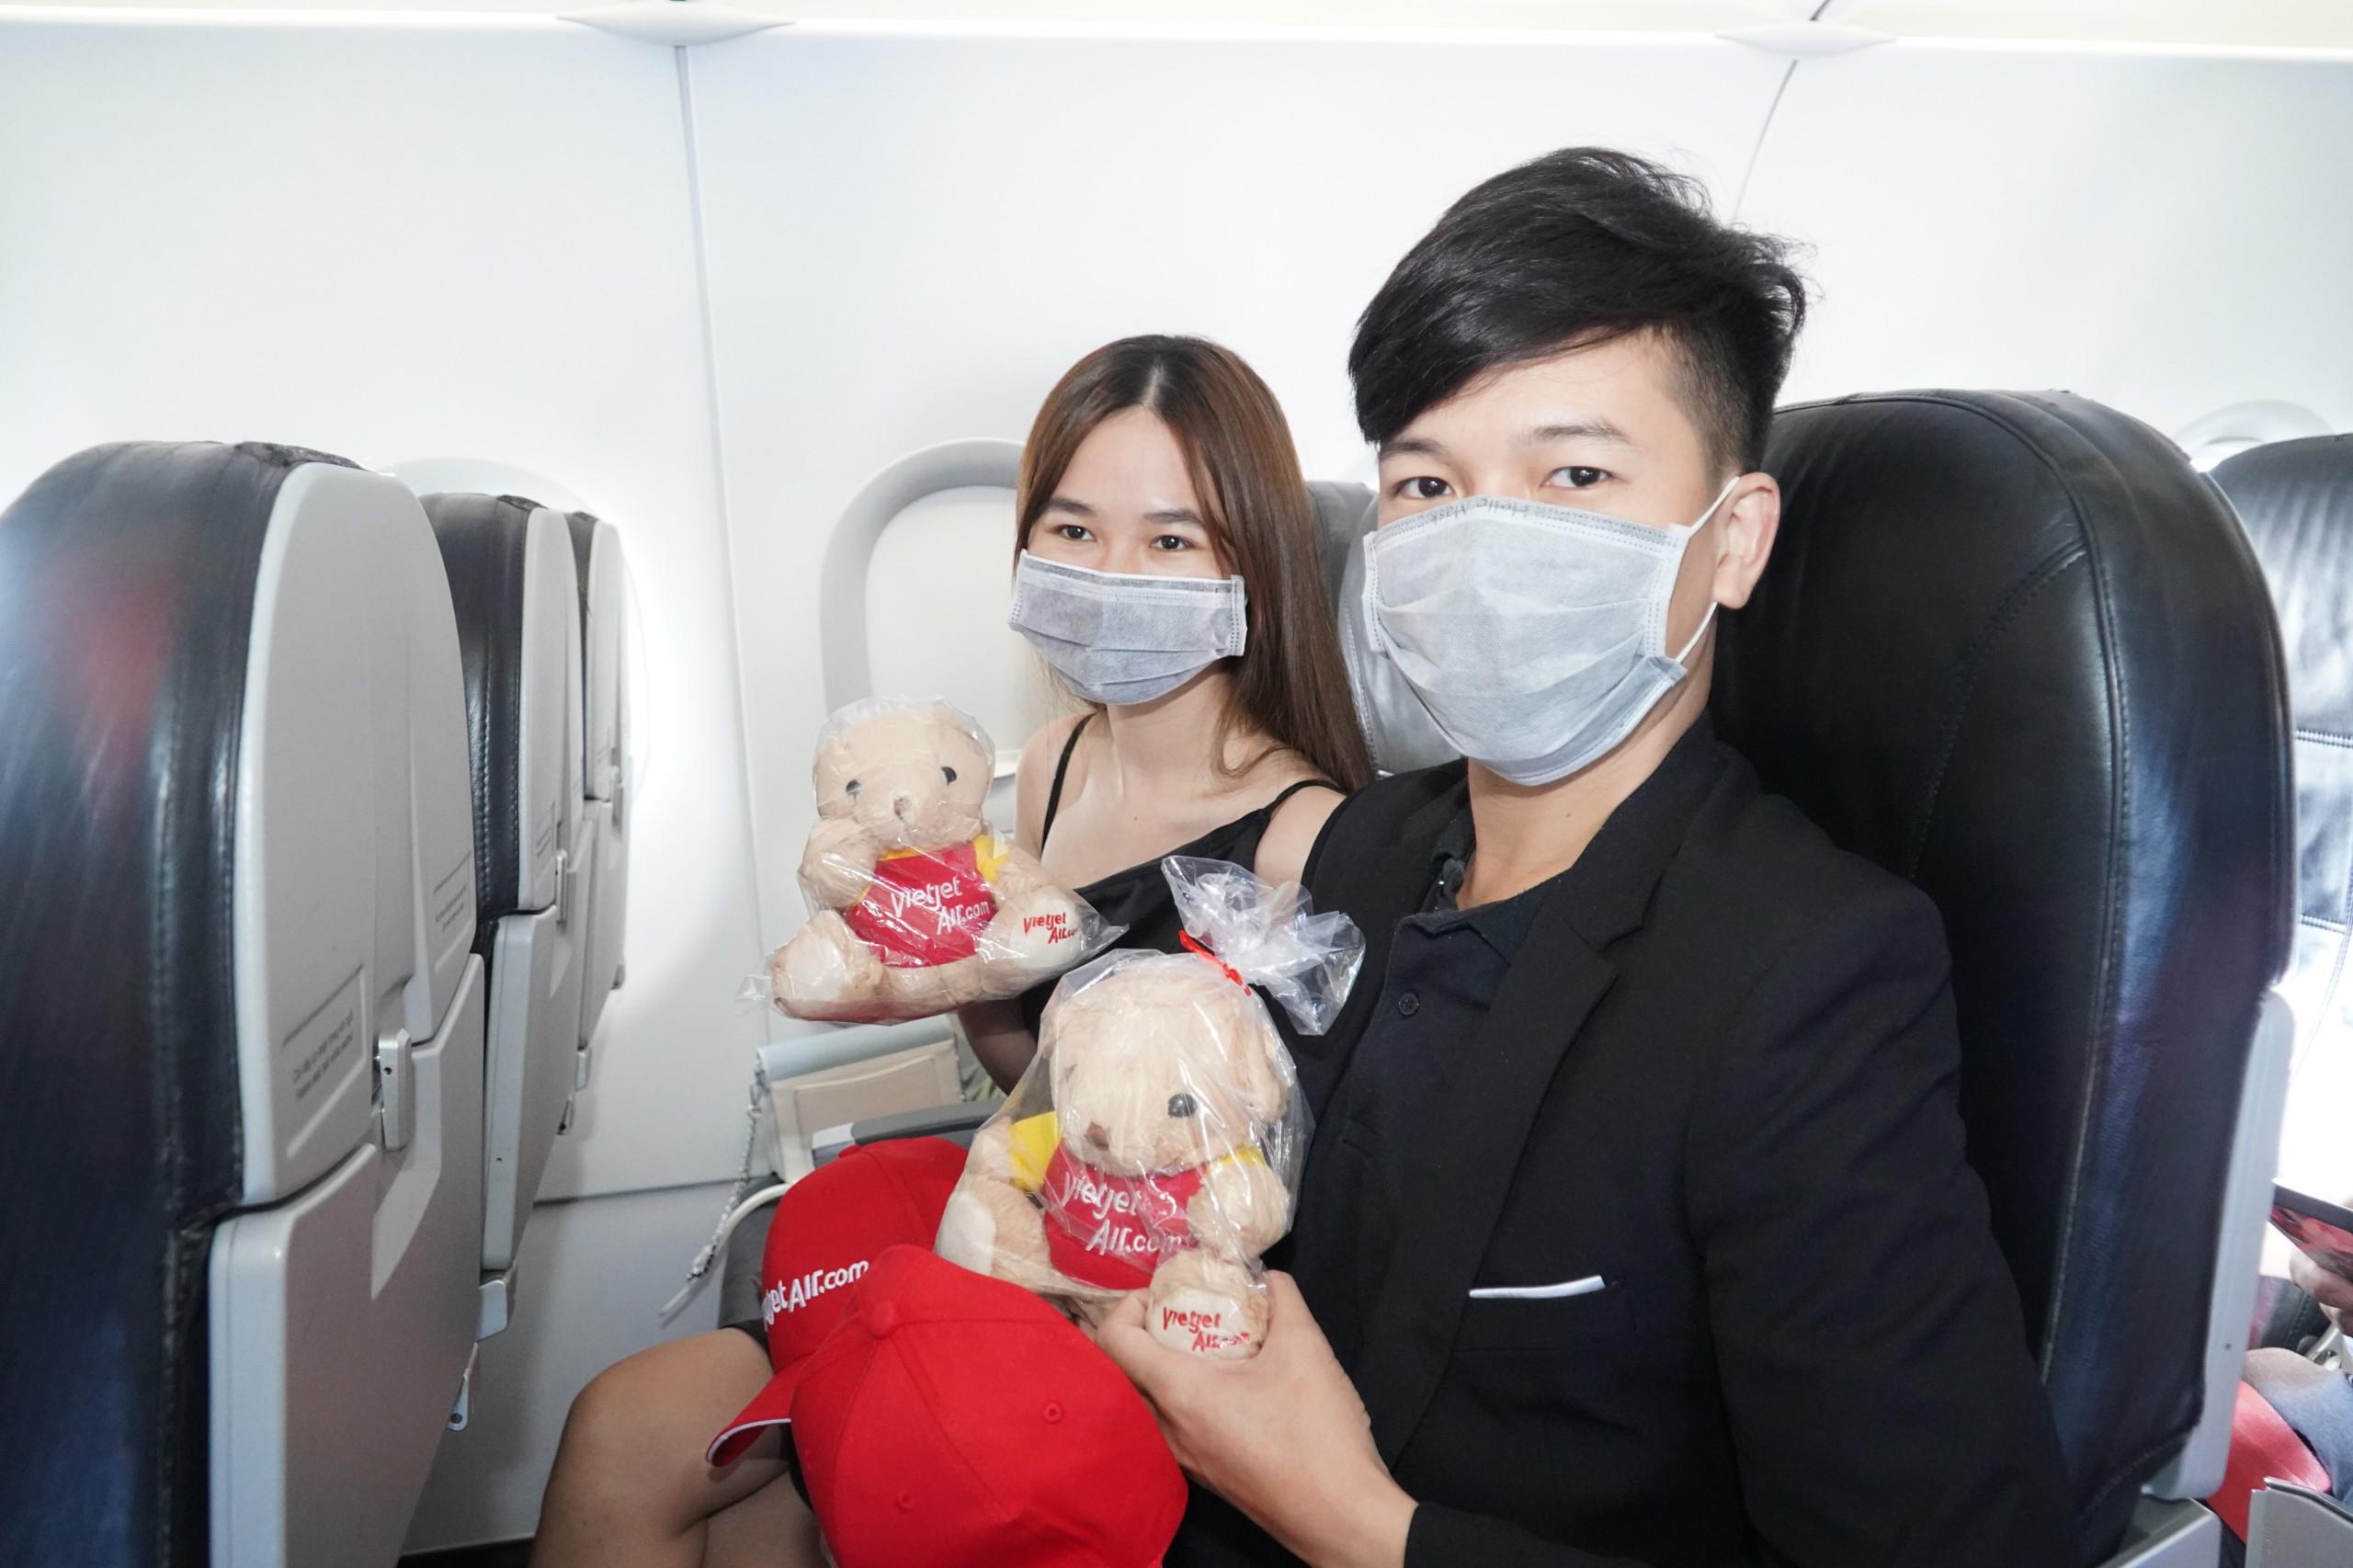 Vé máy bay cao hơn phí quản trị, ai được đổi, hoàn vé - Ảnh 1.